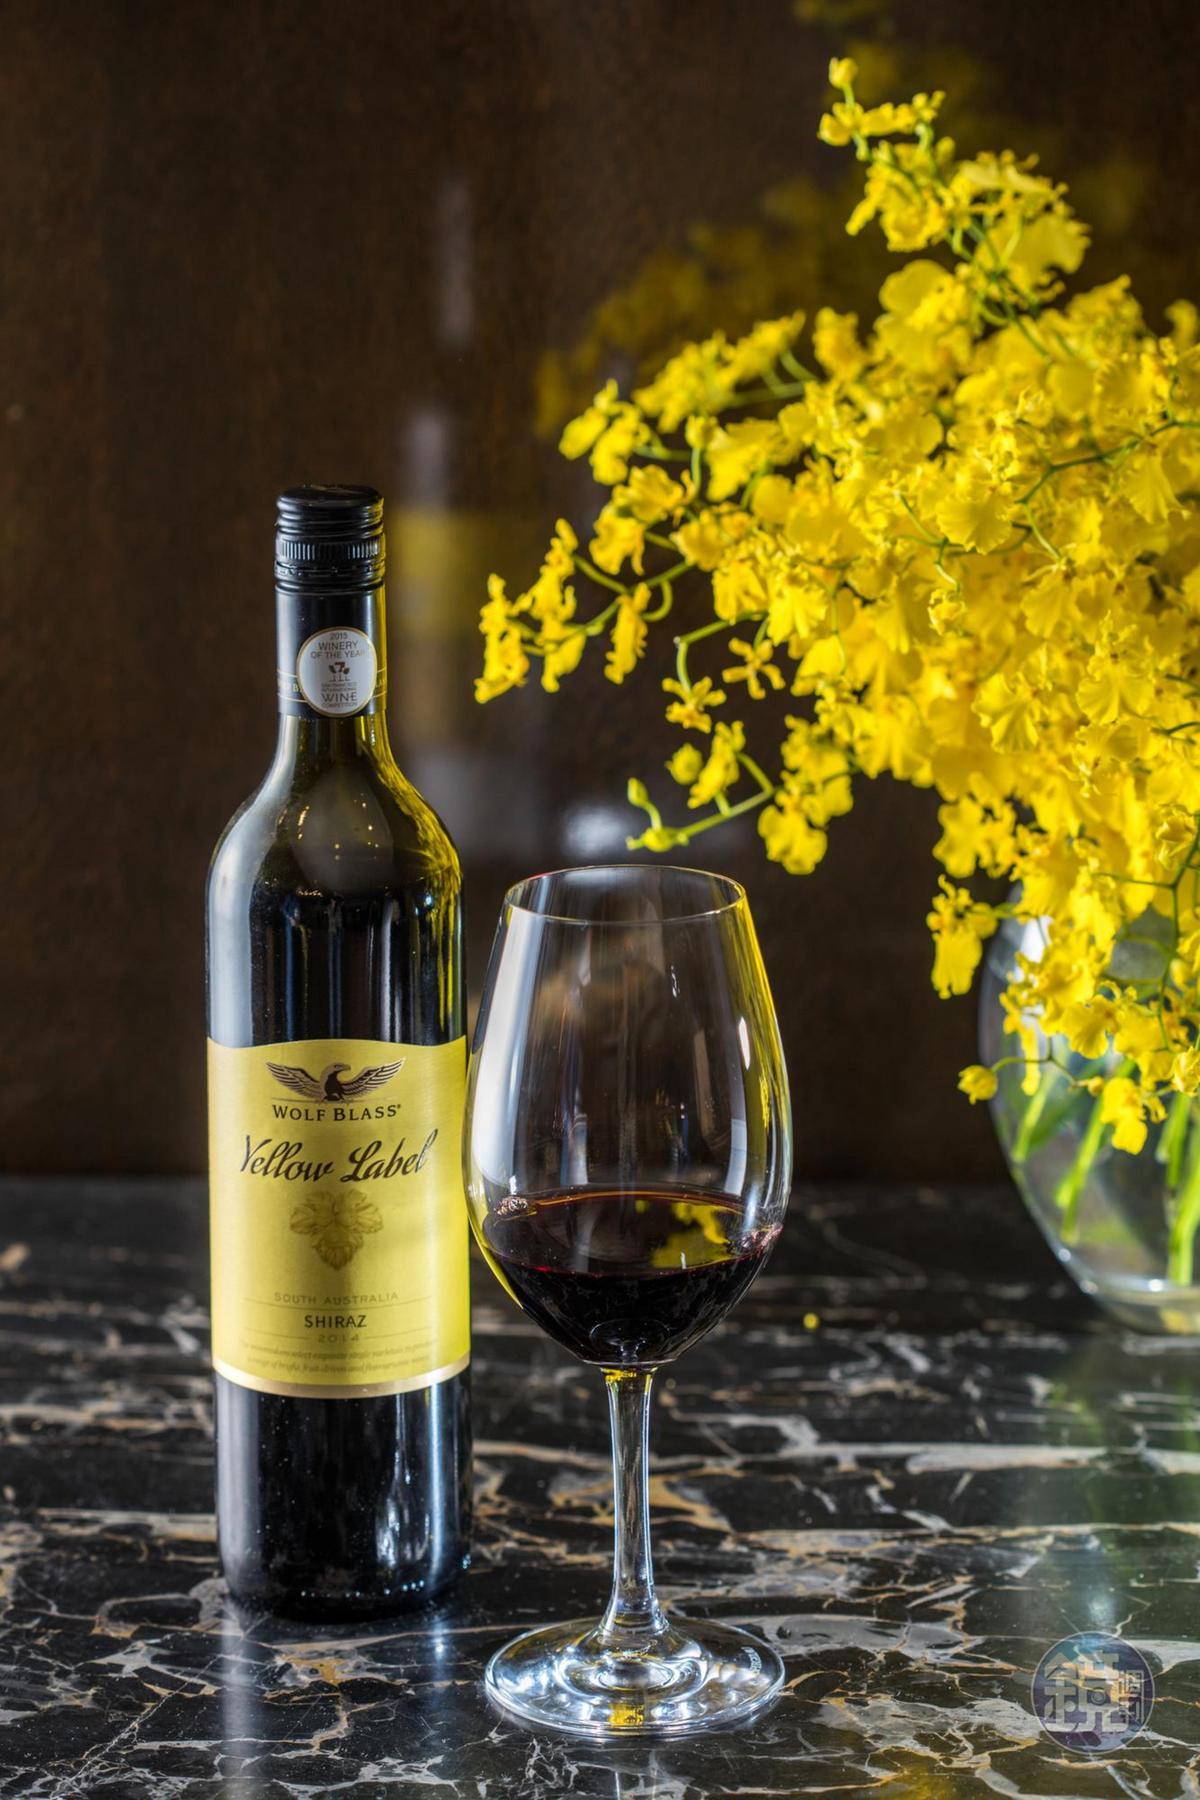 黃標系列屬於較親民的日常酒款,這支希哈帶有莓果及辛香料的香氣,入口則有橡木的奶油感。(650元/瓶)